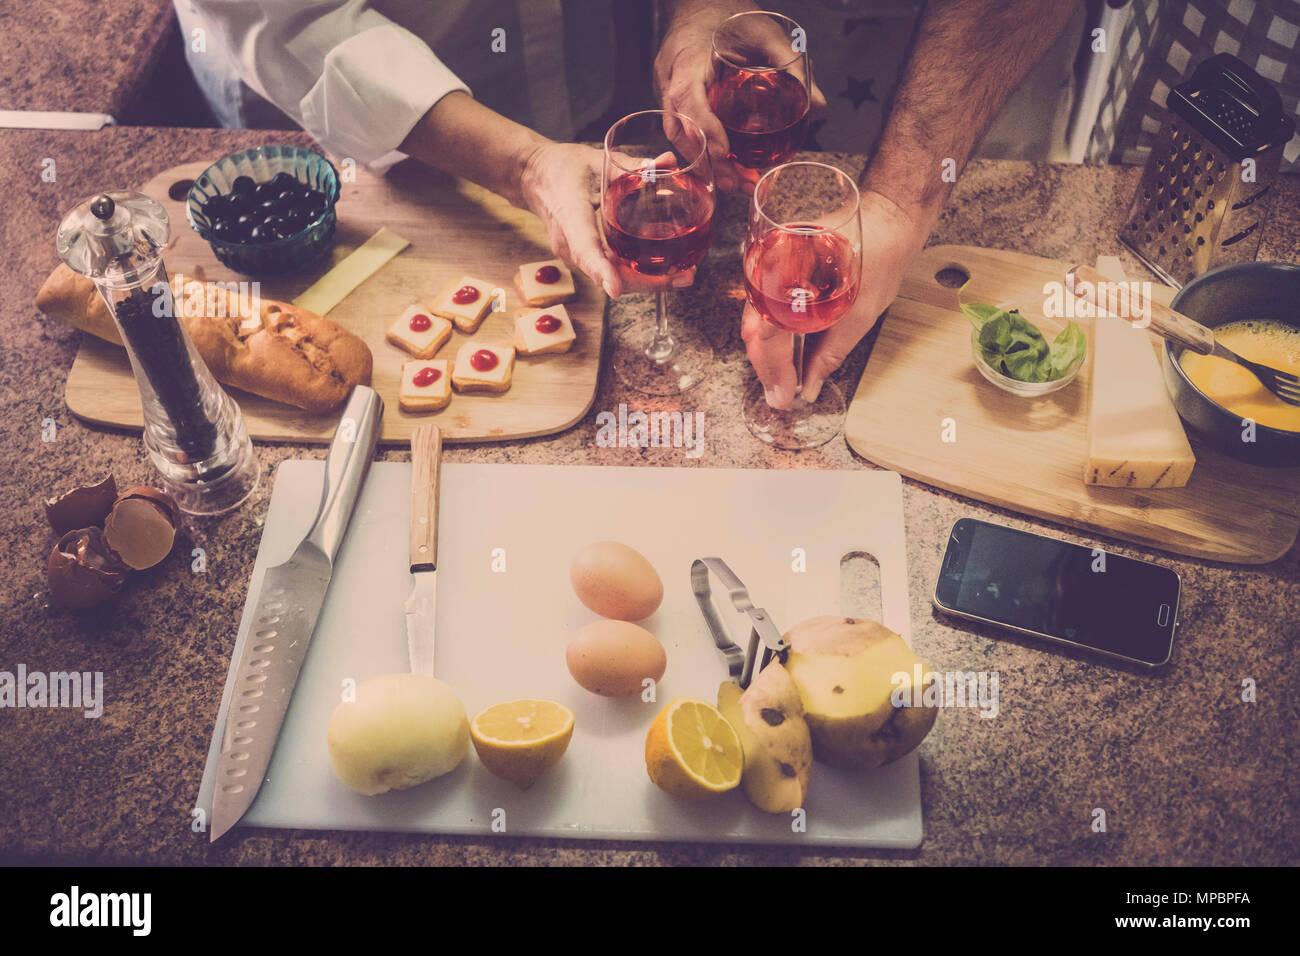 Tre persone vicino a mani sul tavolo durante un tempo di cottura a casa con la famiglia e gli amici. molti cibi crudi e il telefono cellulare. Immagini Stock